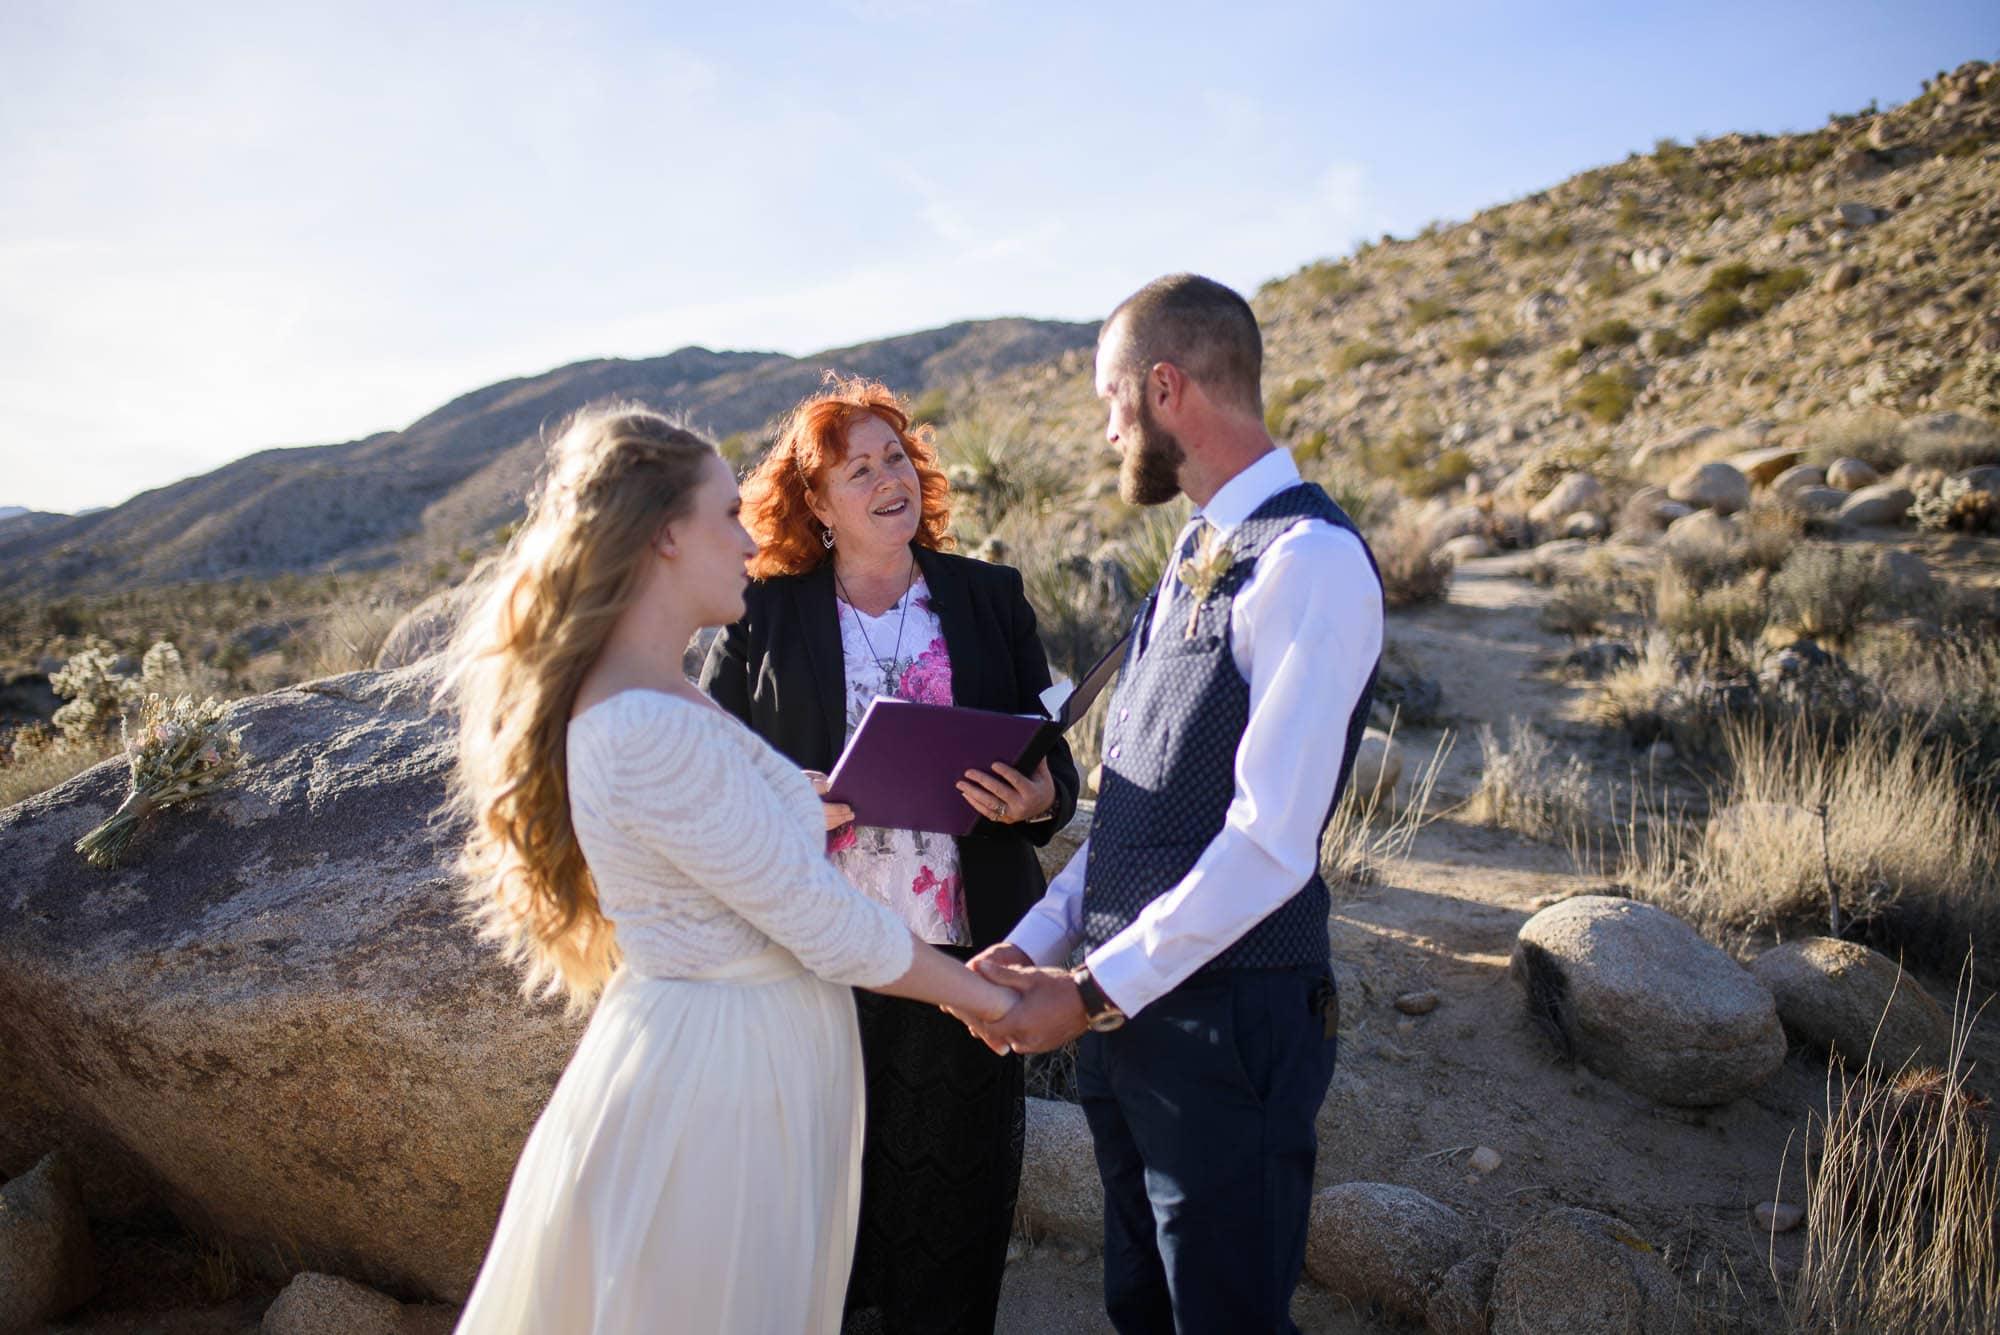 026_Alan_and_Heidi_Wedding_Abby_Tyler